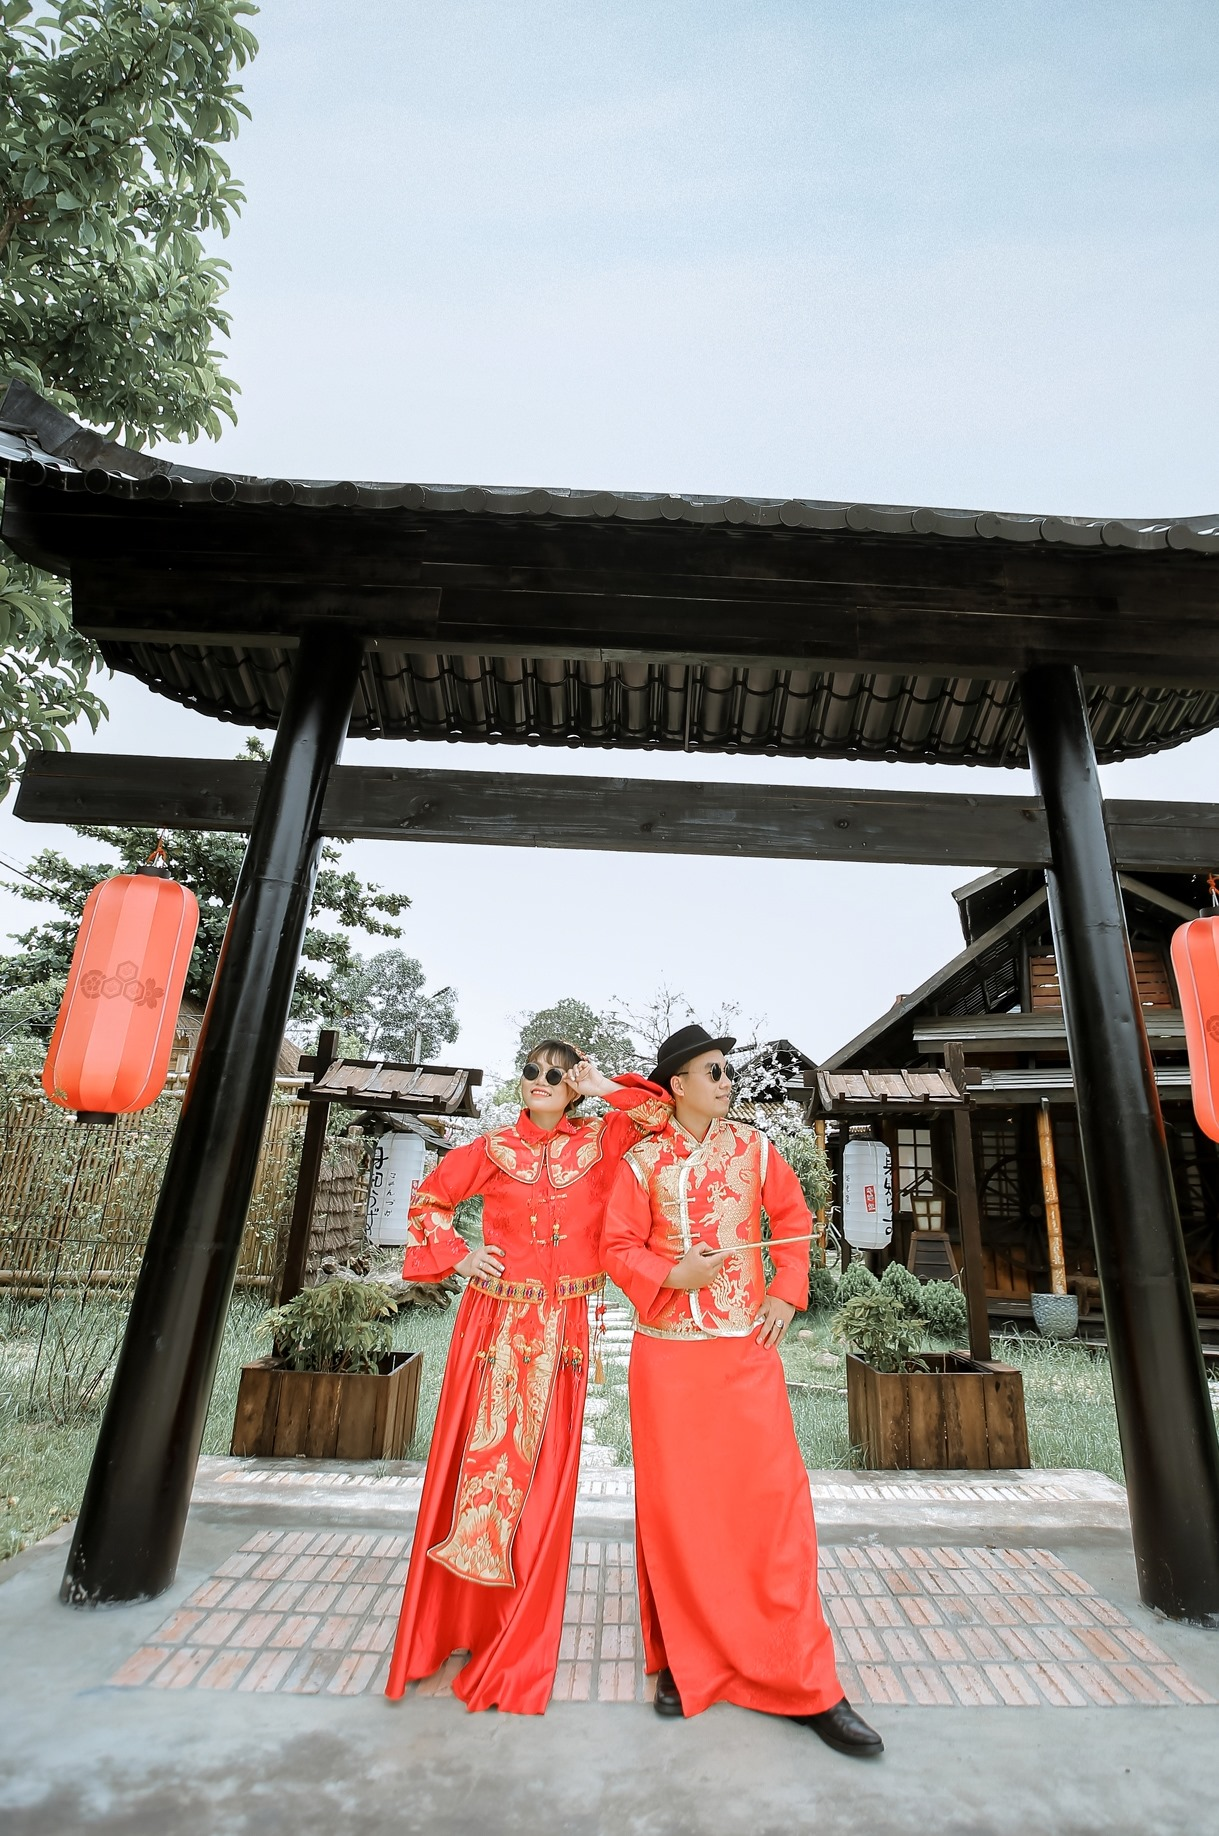 Xếp hạng 7 Studio chụp ảnh cưới phong cách Hàn Quốc đẹp nhất quận Cầu Giấy, Hà Nội -  Sophia wedding